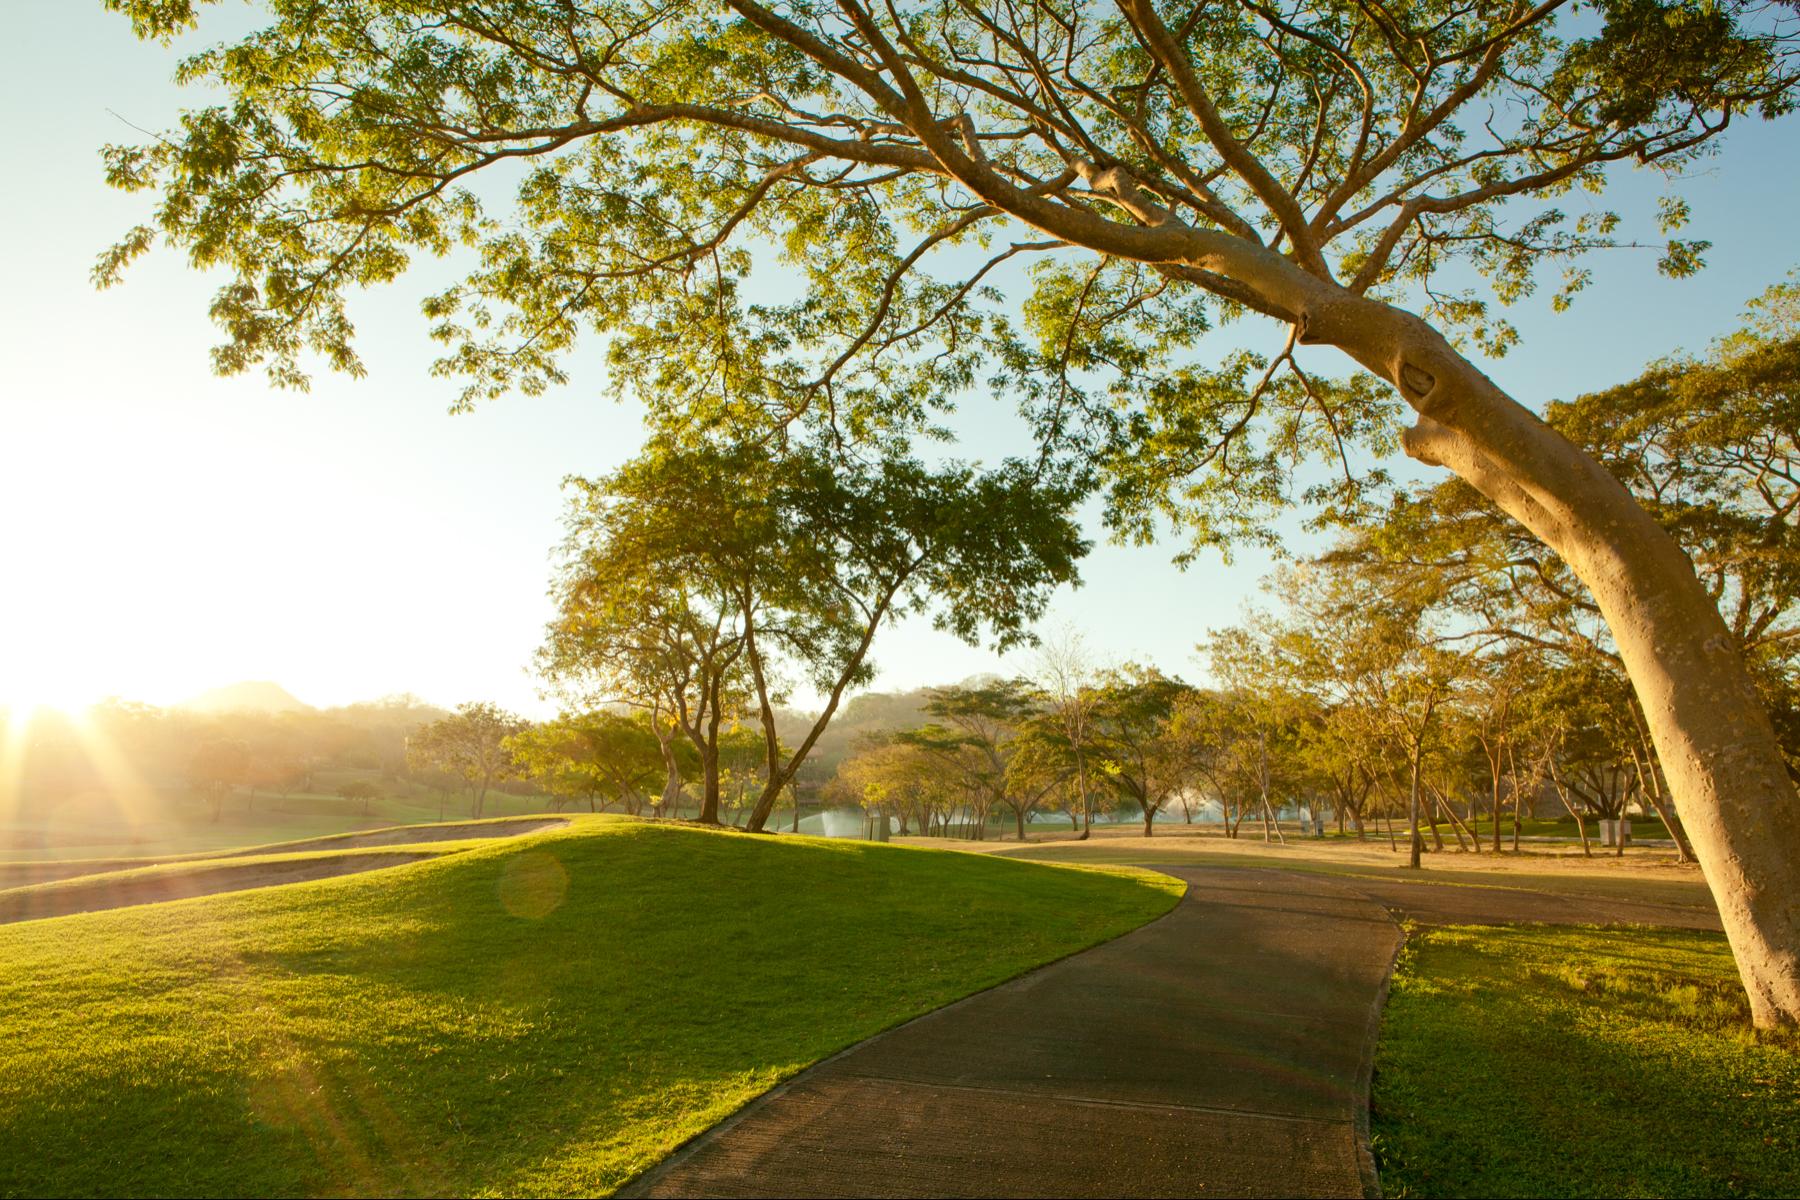 Terreno por un Venta en Llama del Bosque Lot #9 Reserva Conchal, Guanacaste, 50308 Costa Rica